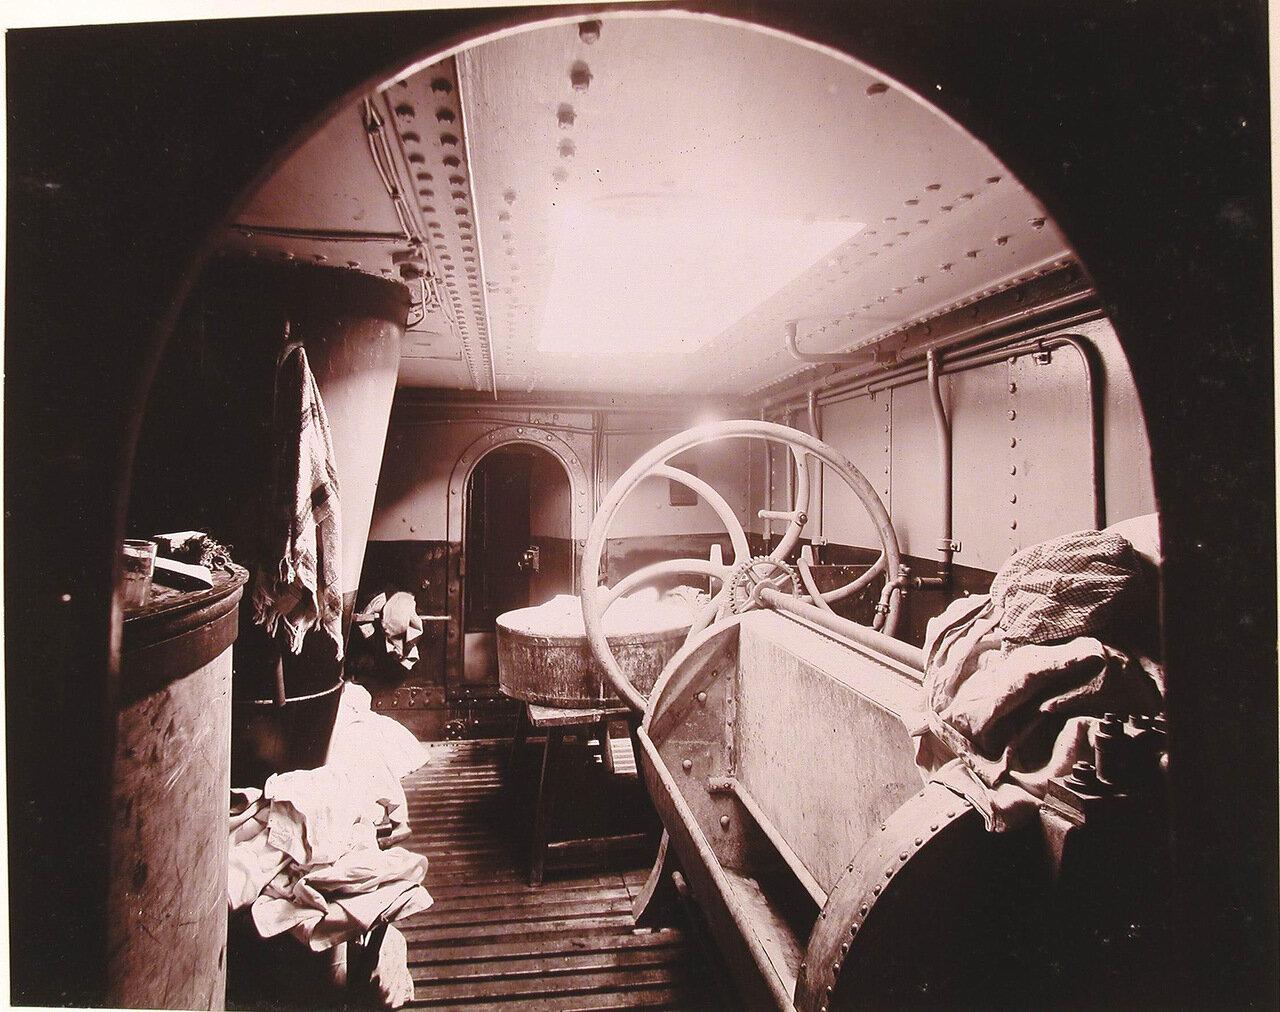 25. Вид прачечной с механическими приспособлениями для стирки, сушки и глажения белья, устроенной в одном из помещений плавучего госпиталя Орёл